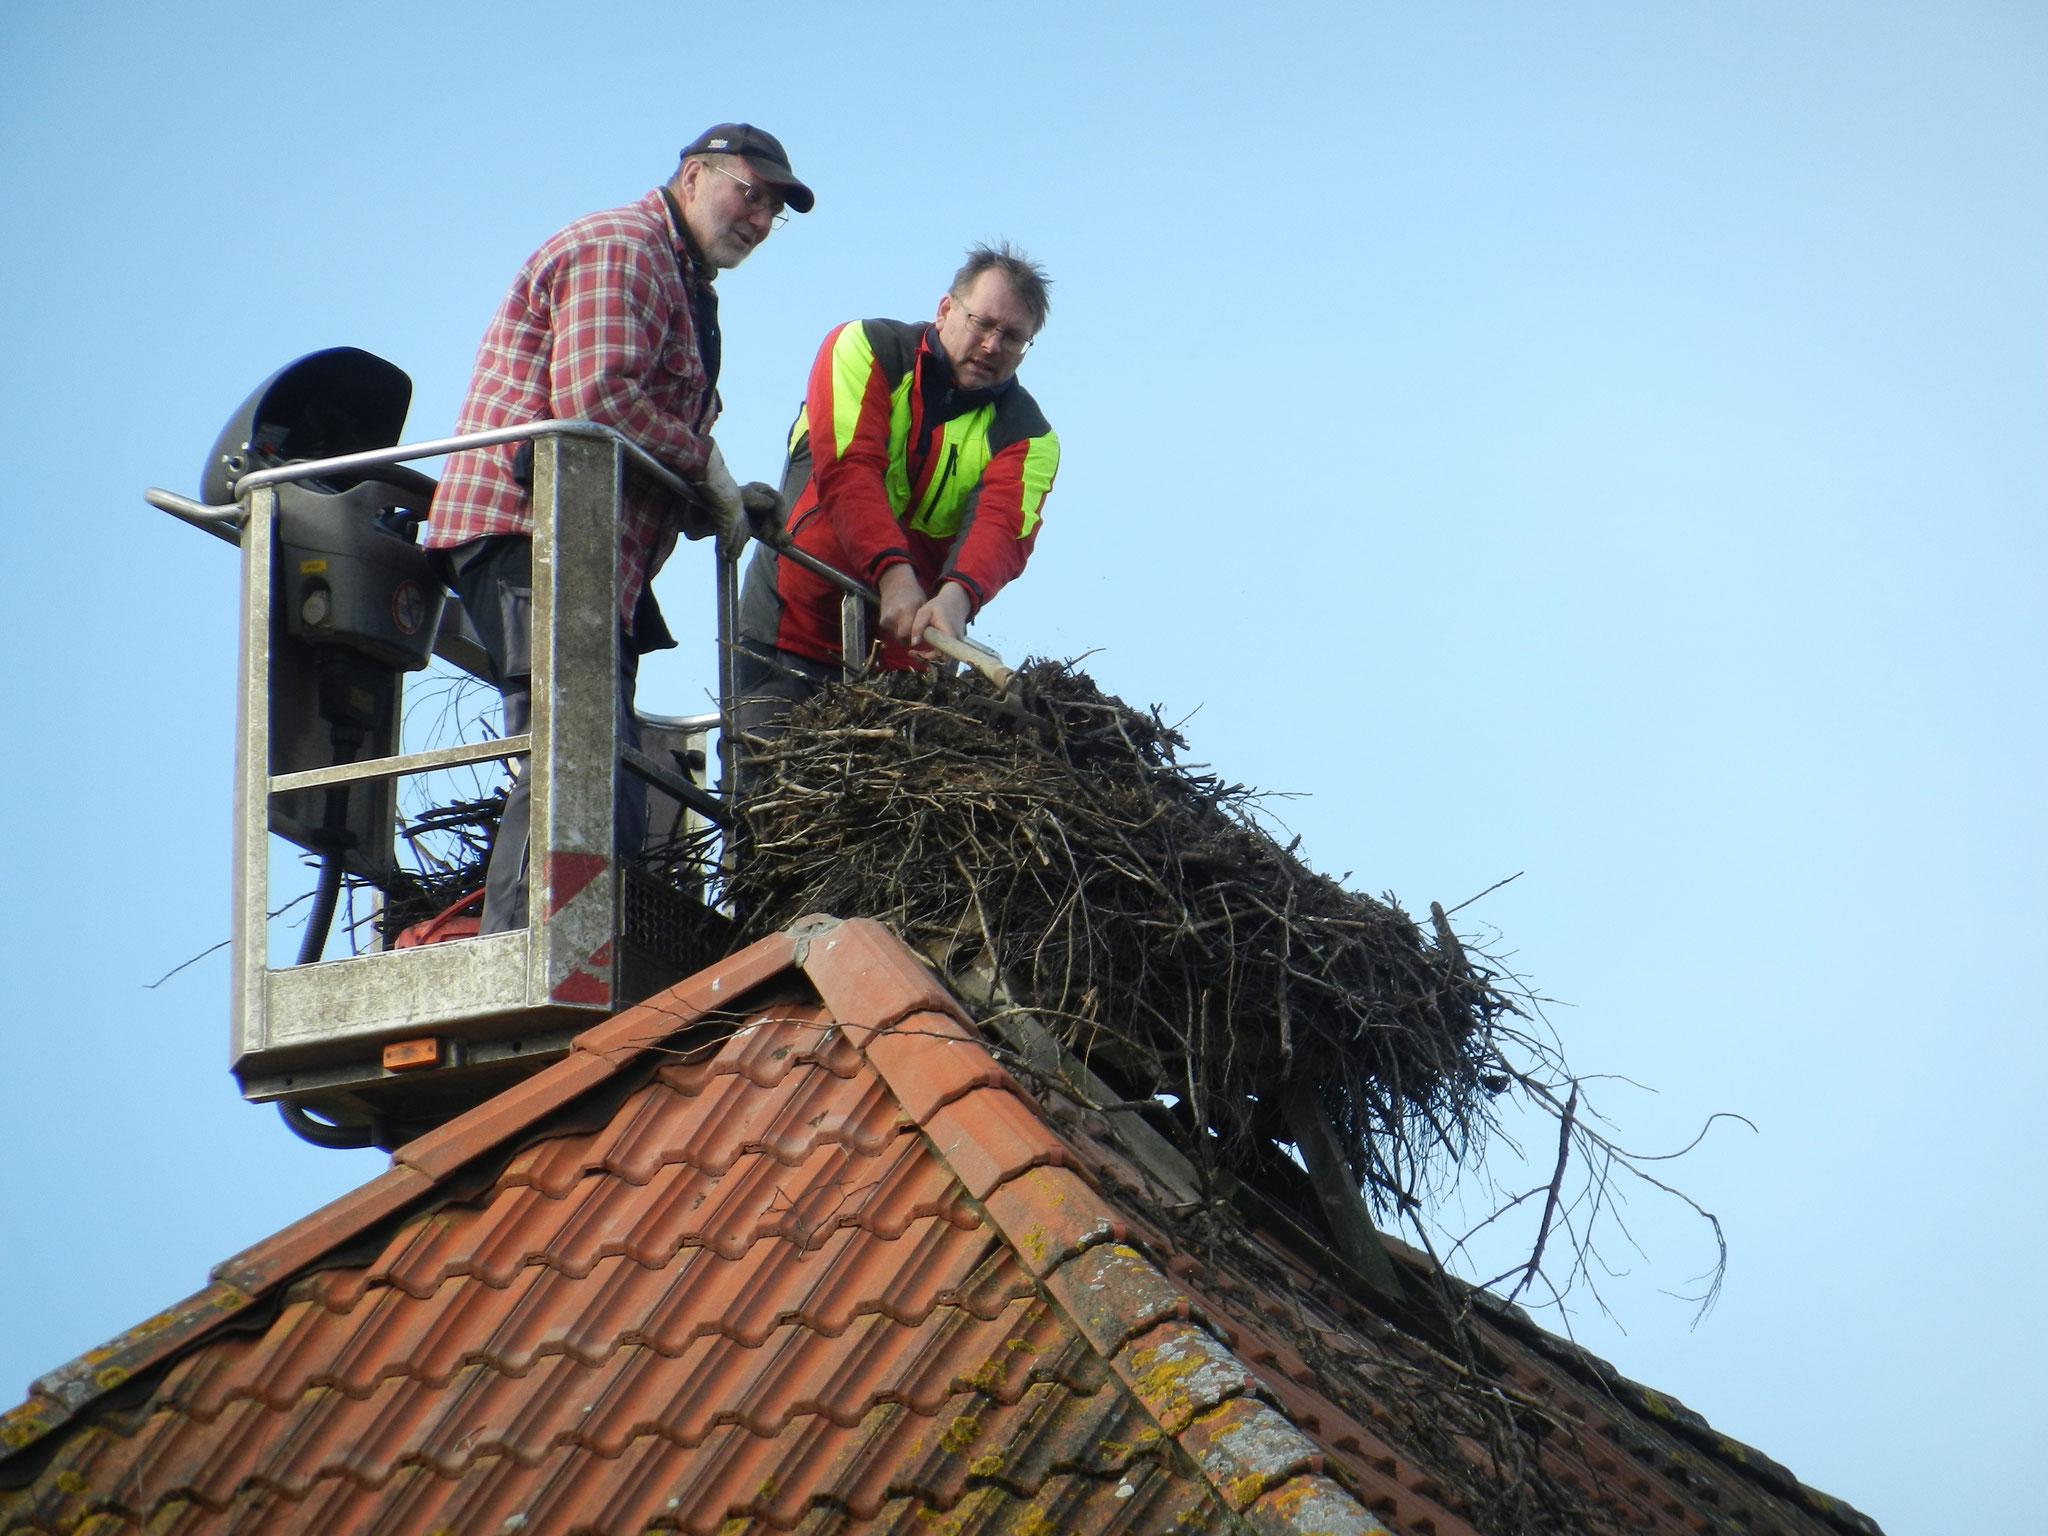 Das Material aus dem schiefen Nest auf dem Dach der Freiwilligen Feuerwehr wird eimerweise abgetragen